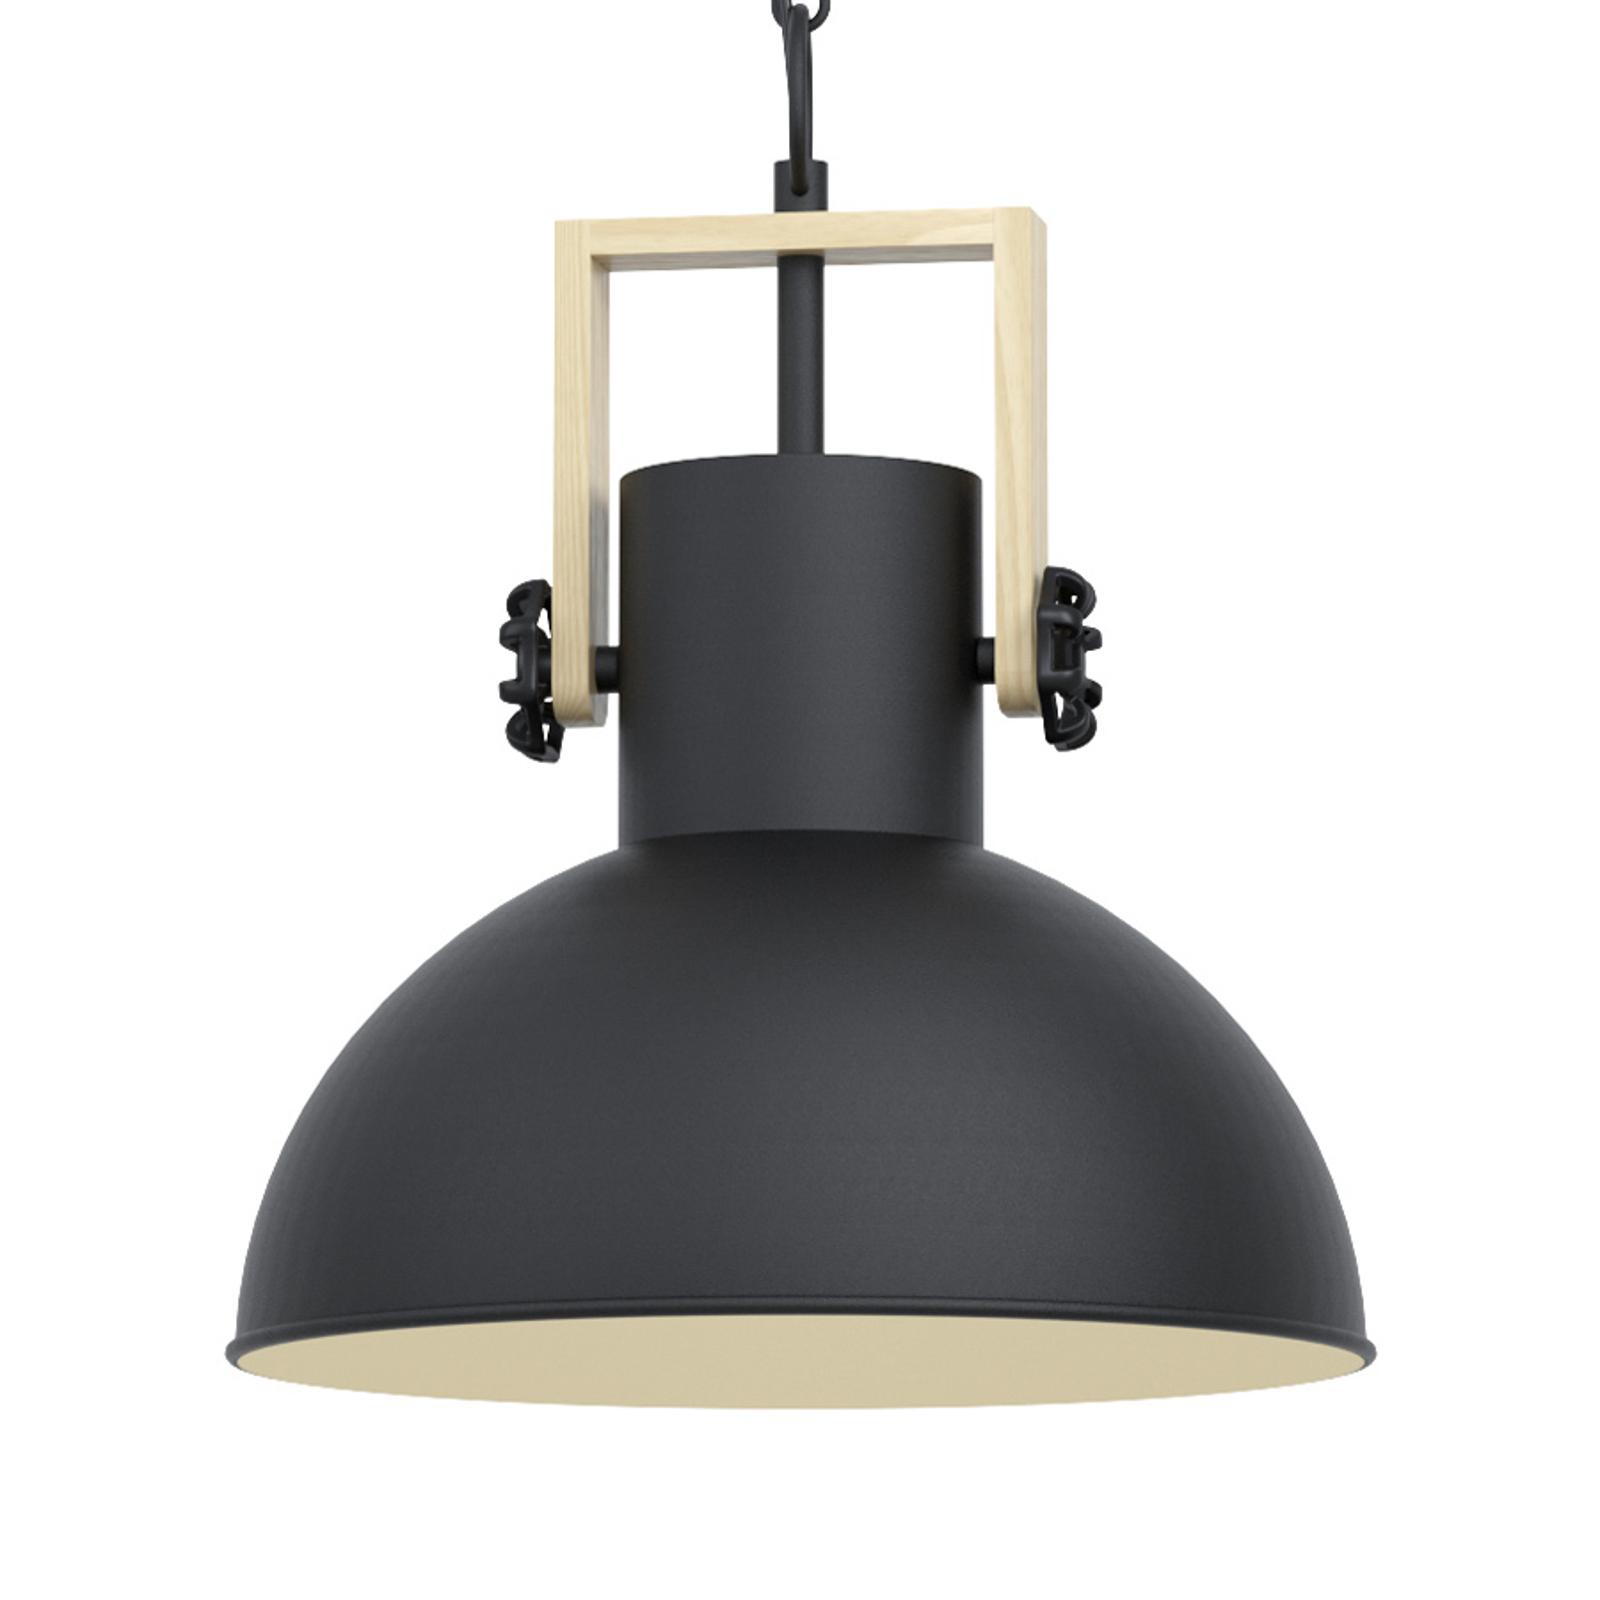 Lampa wisząca Lubenham z metalowym kloszem